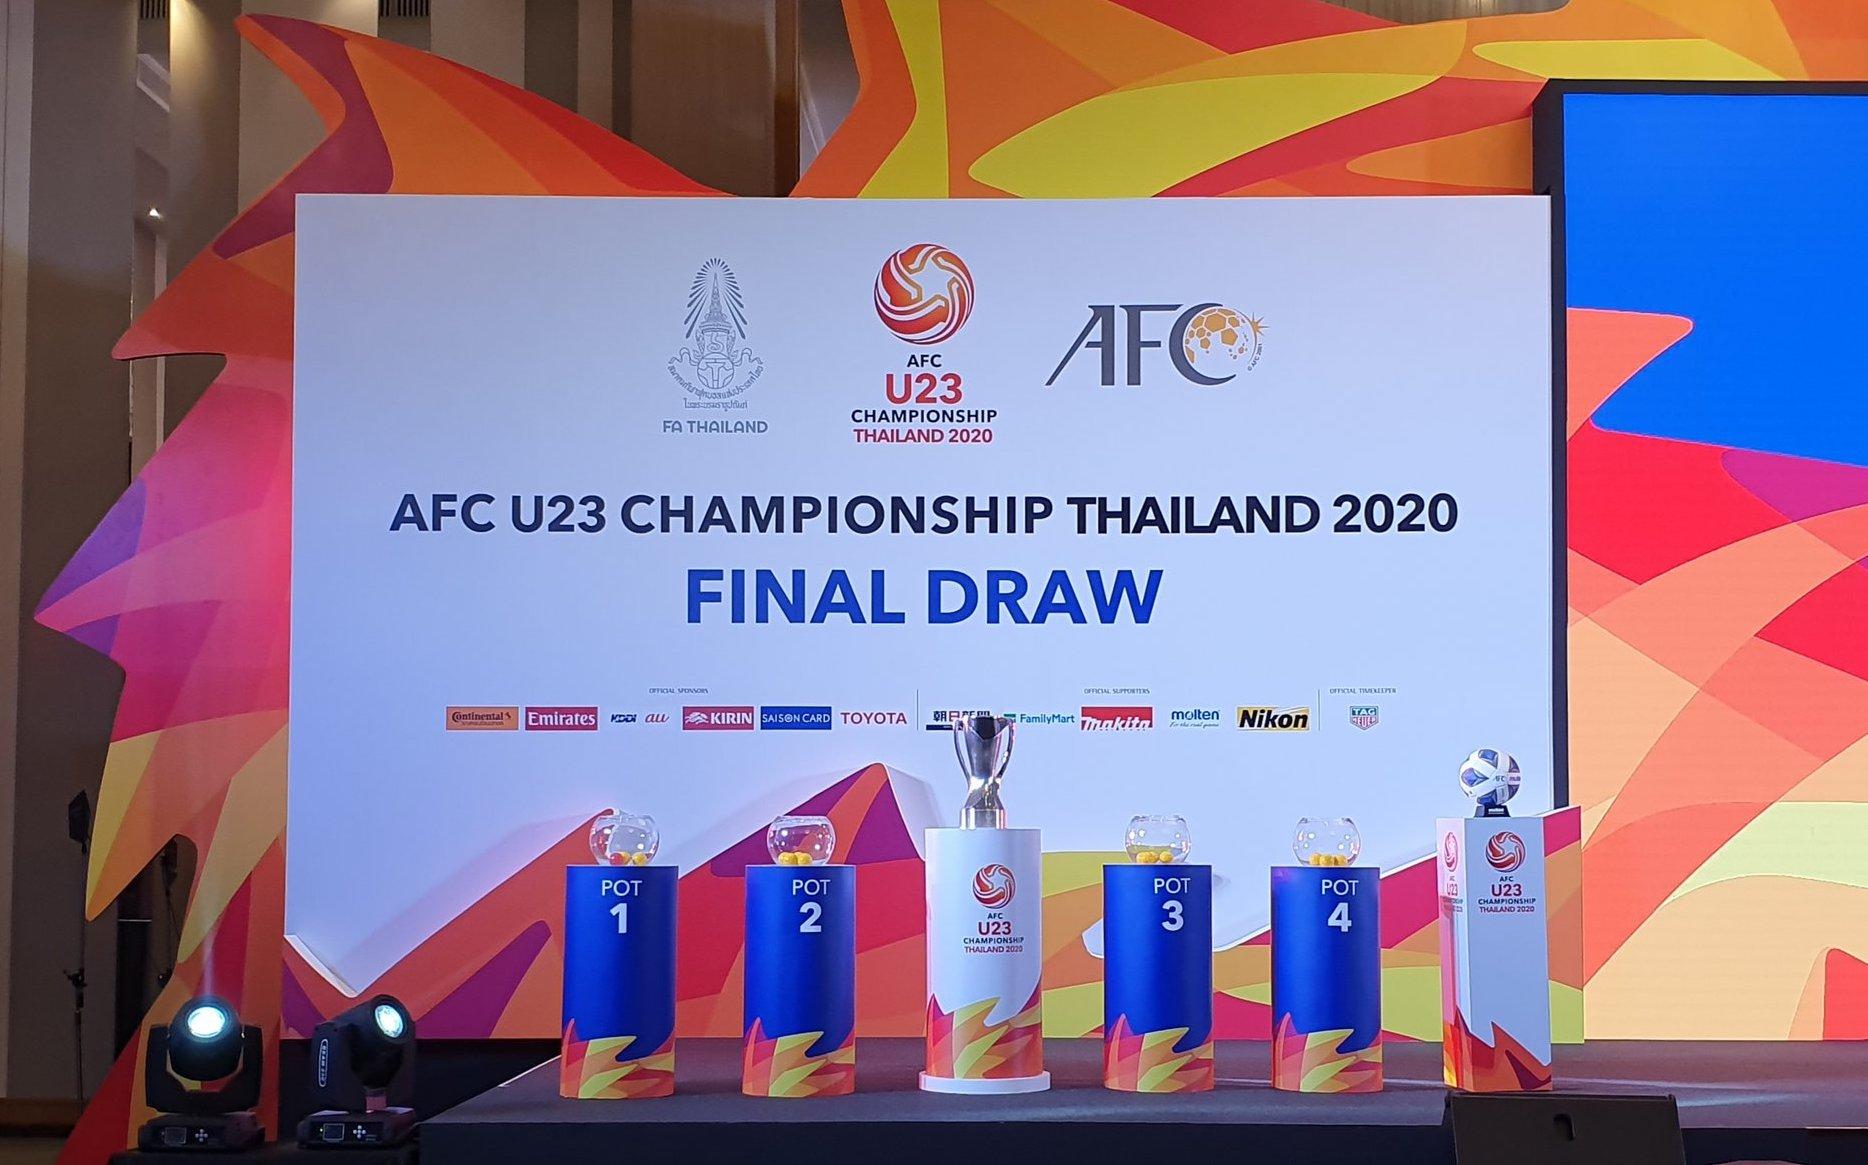 Tổng quan giải vô địch bóng đá U-23 châu Á 2020